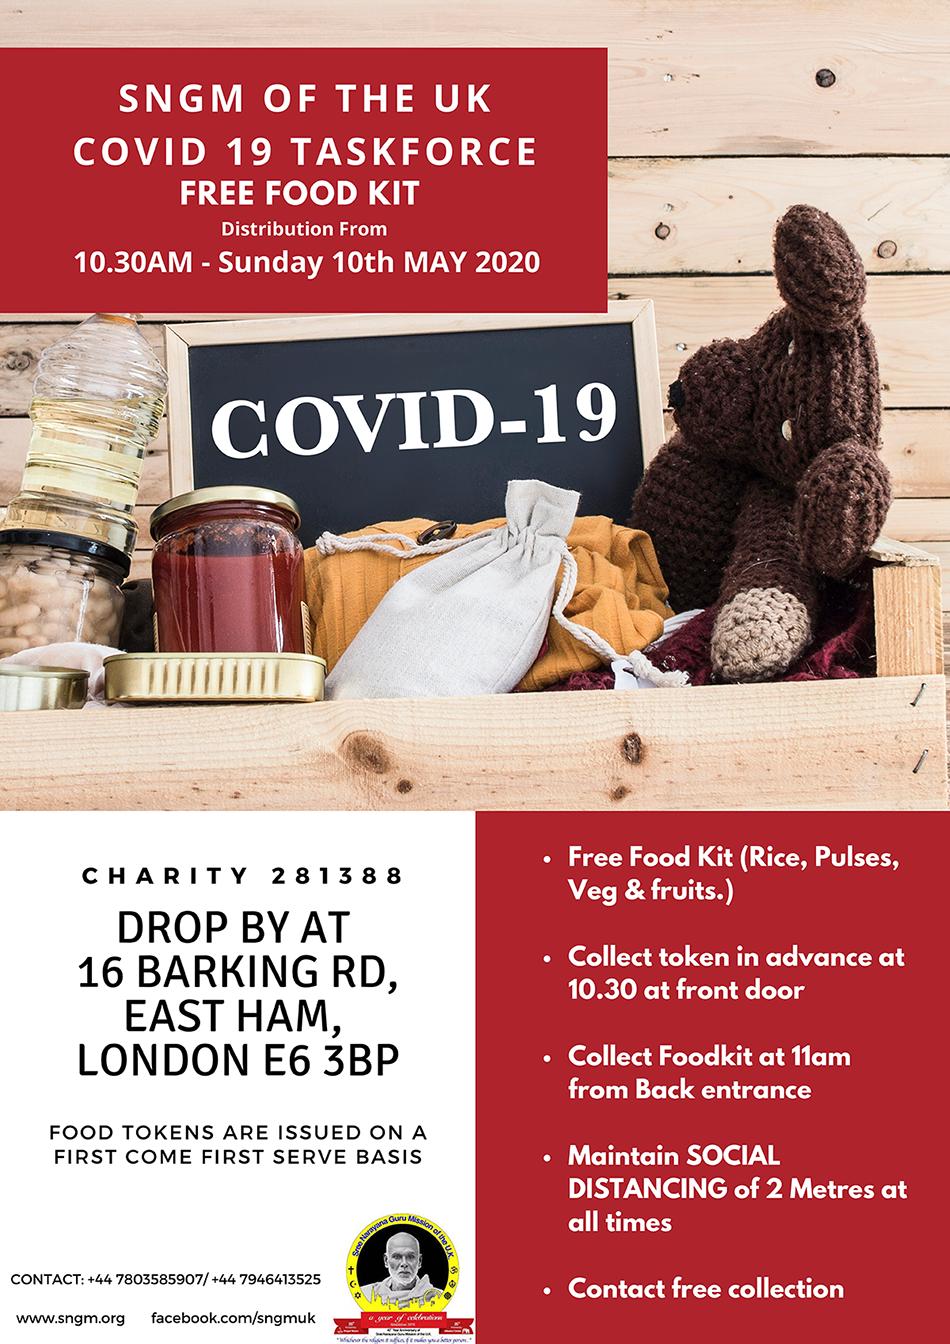 SNGM Covid 19 Food Bank MAY 10 10.30 AM_2020_V1.4